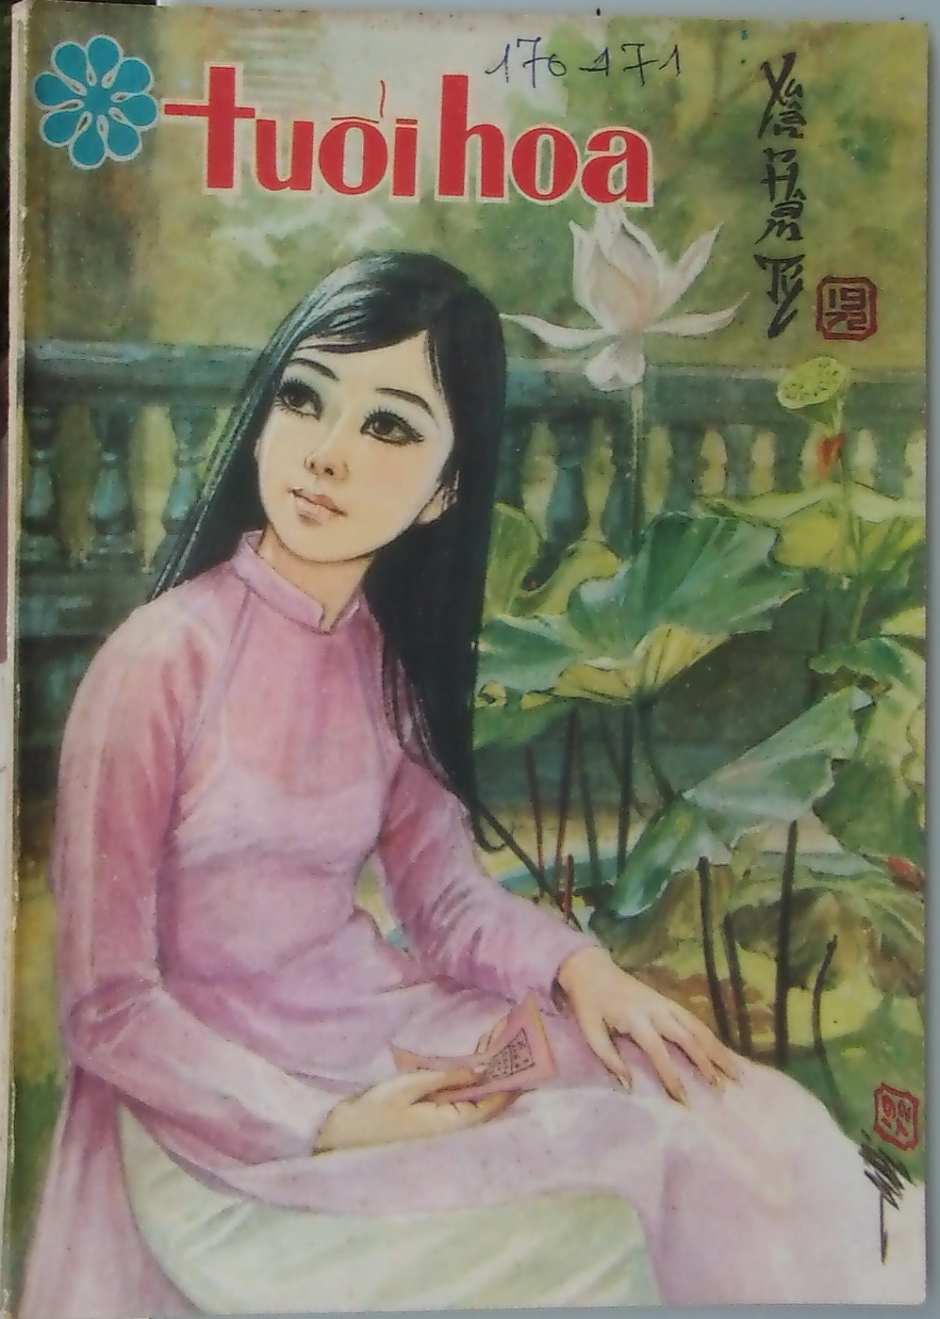 Tạp chí Tuổi Hoa số 170 - 171 (Xuân Nhâm Tý 1972), ra ngày 01 tháng 02 năm 1972